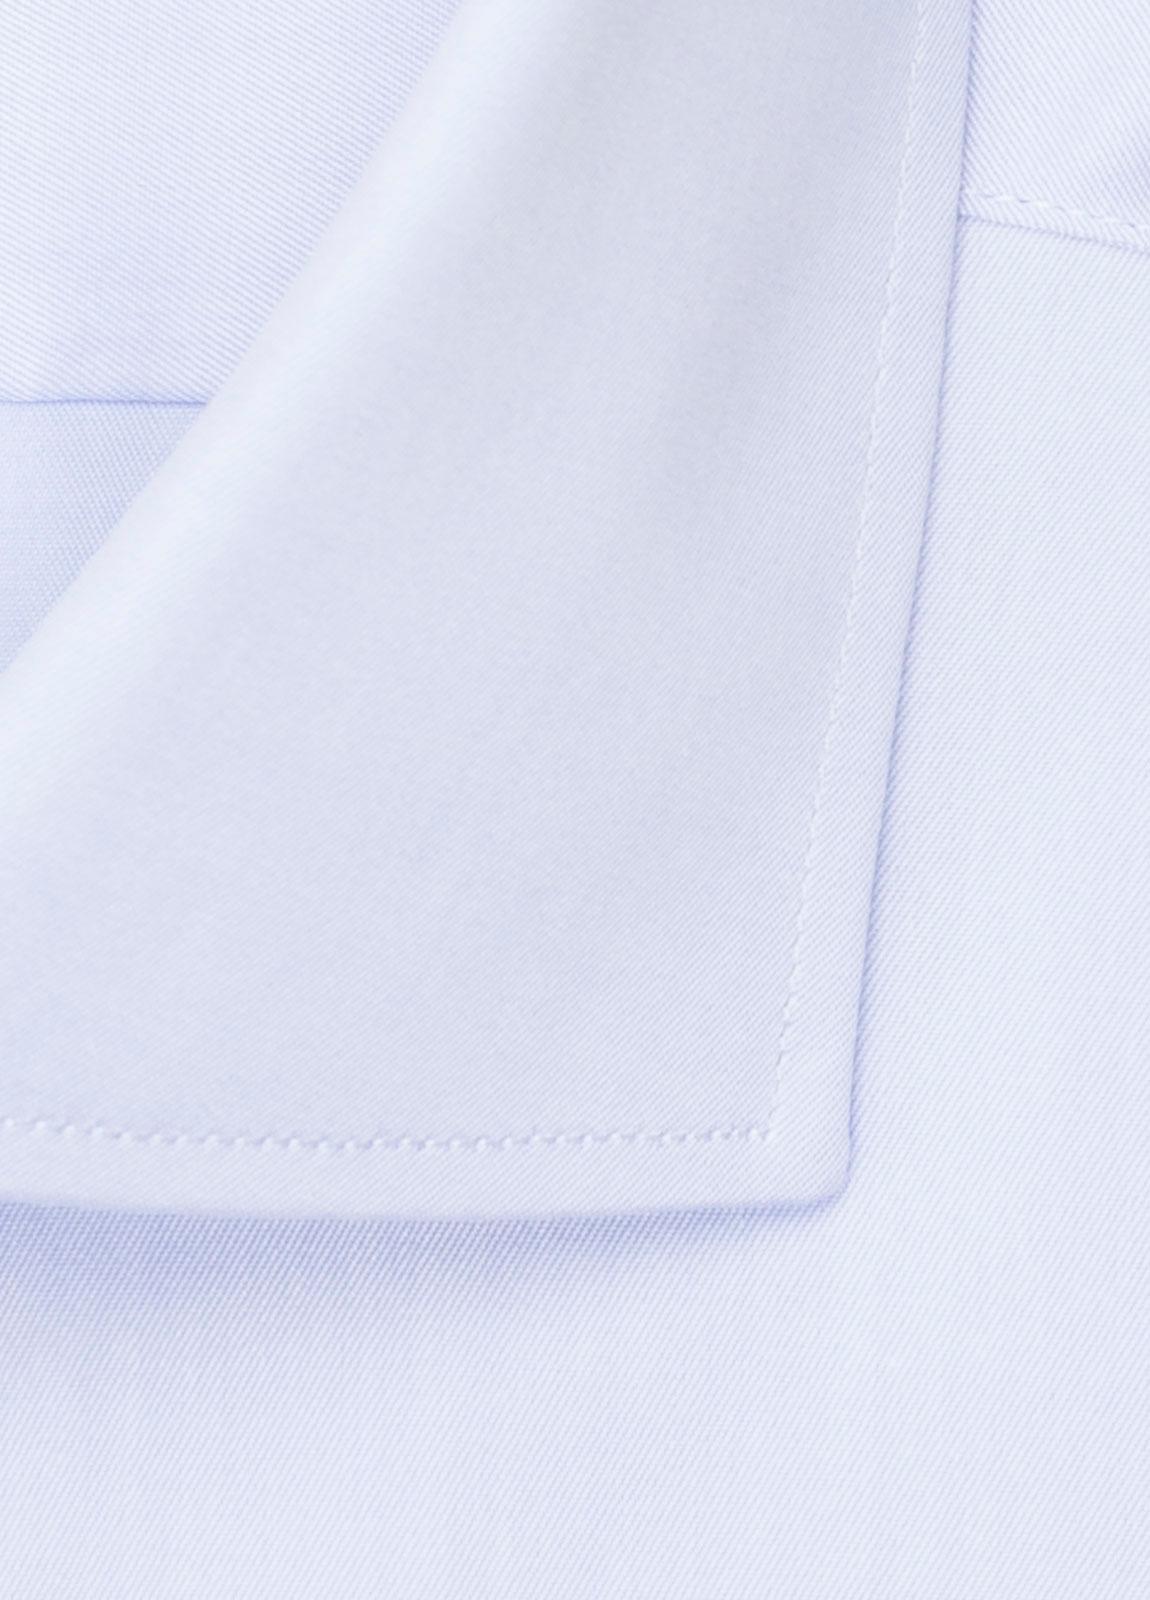 Camisa vestir FUREST COLECCIÓN REGULAR FIT twill celeste - Ítem2